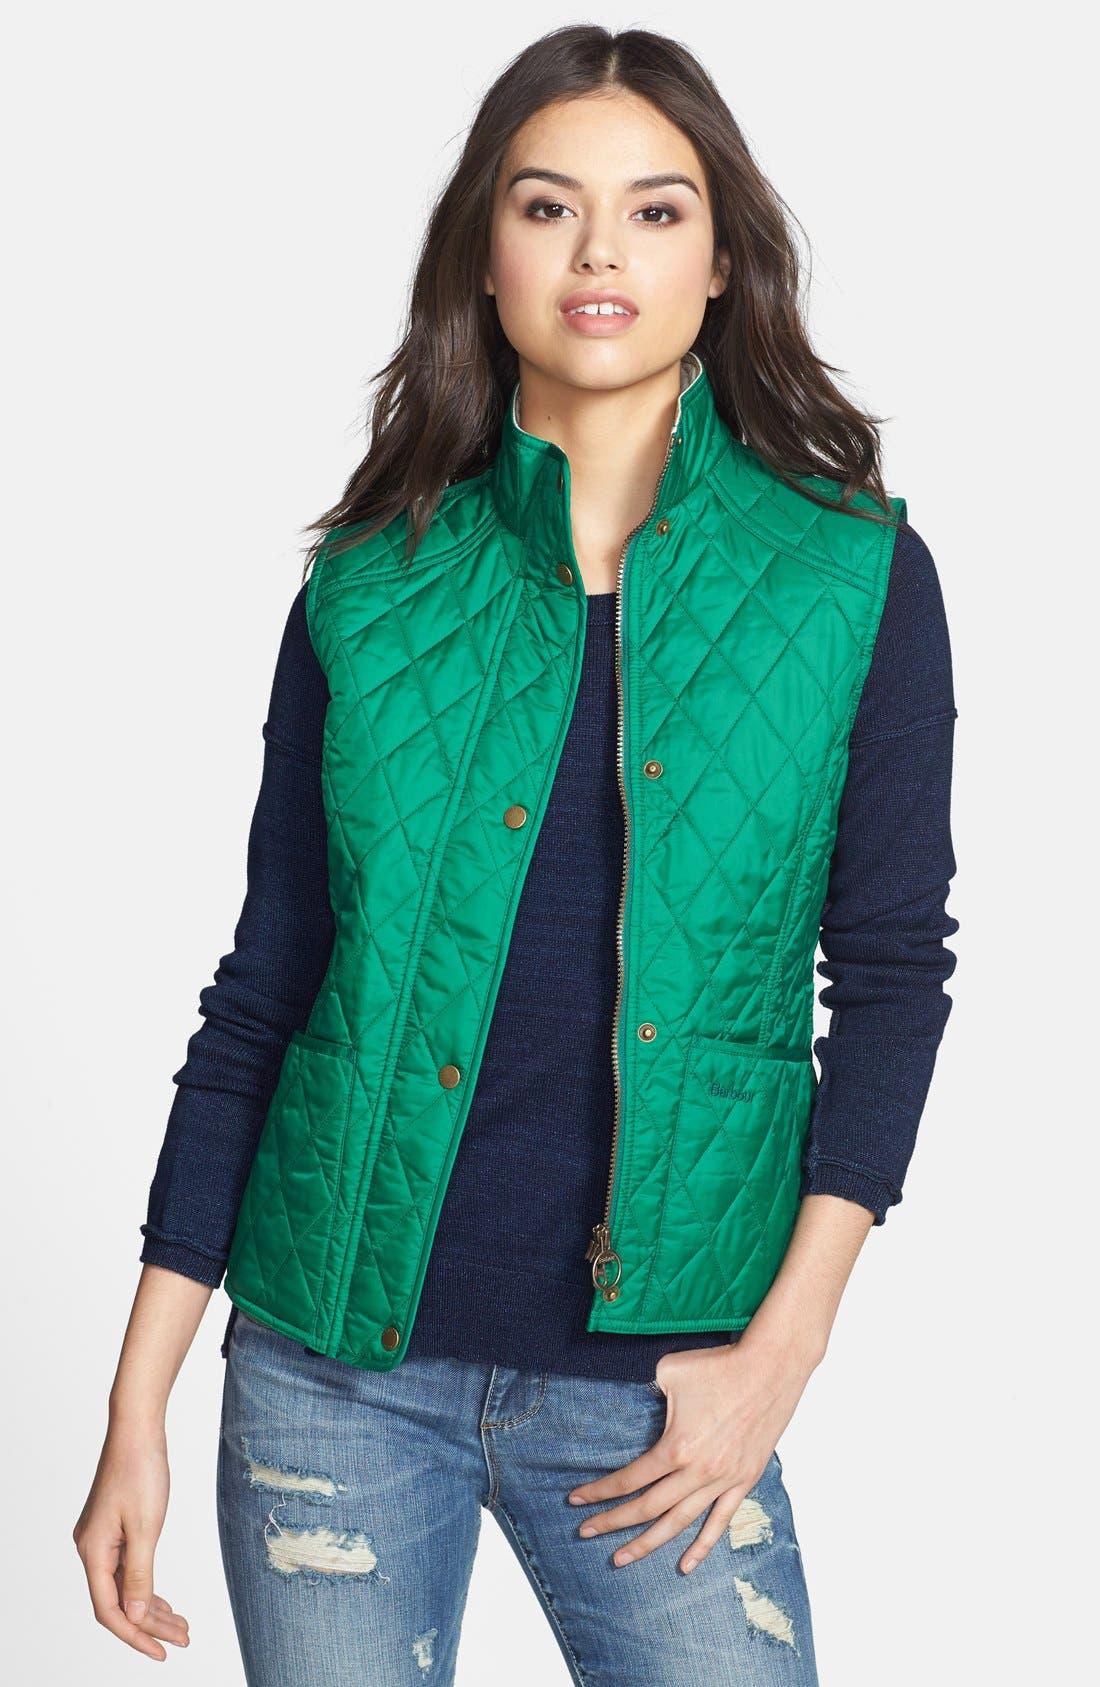 Main Image - Barbour Summer Liddesdale Gilet Vest